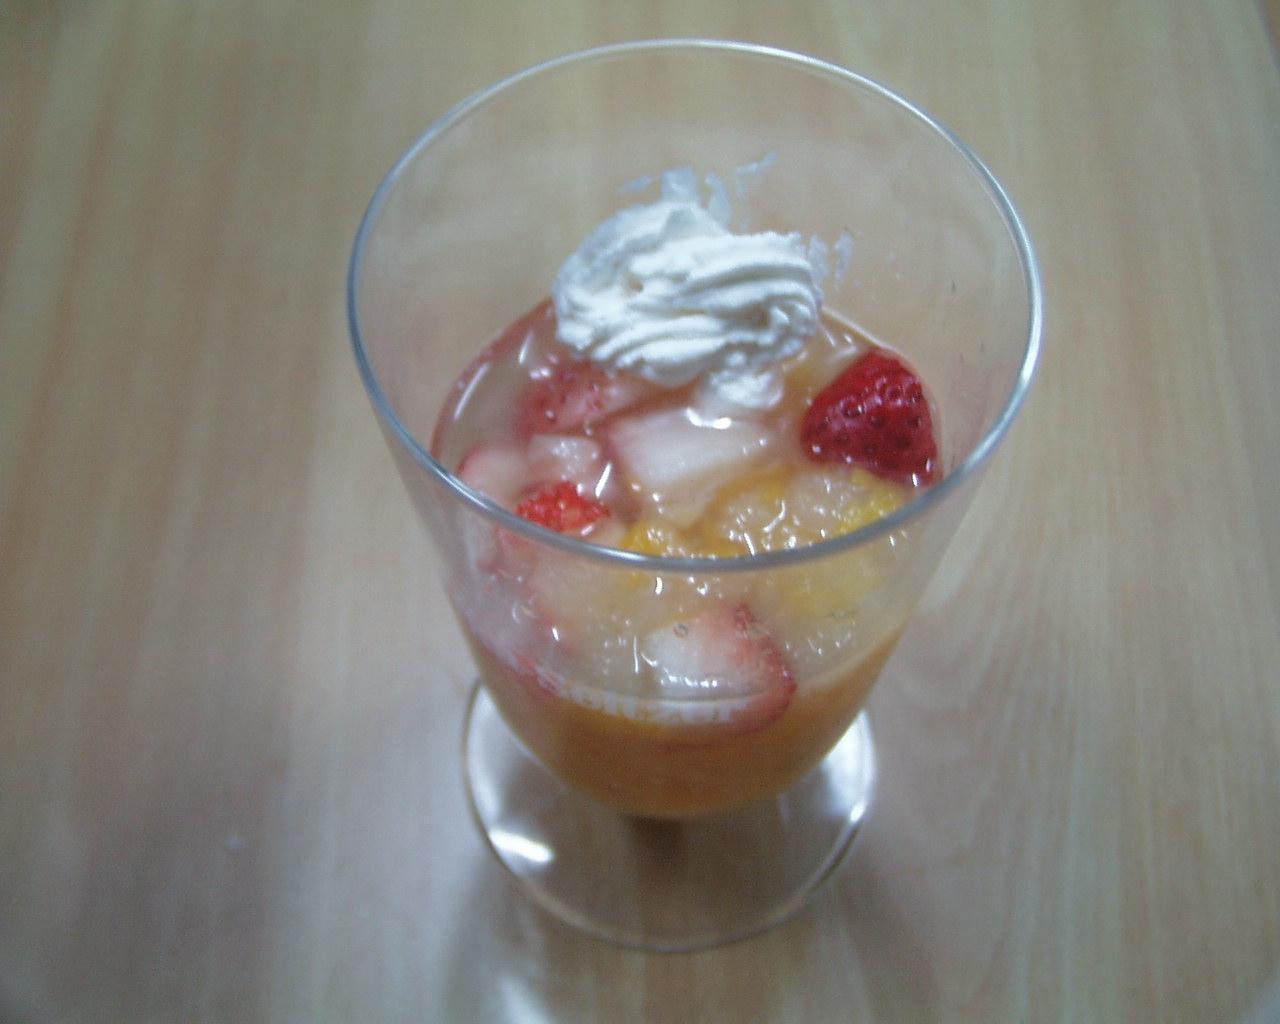 ぶどう、モモ、洋なし、イチゴのミックスジュース